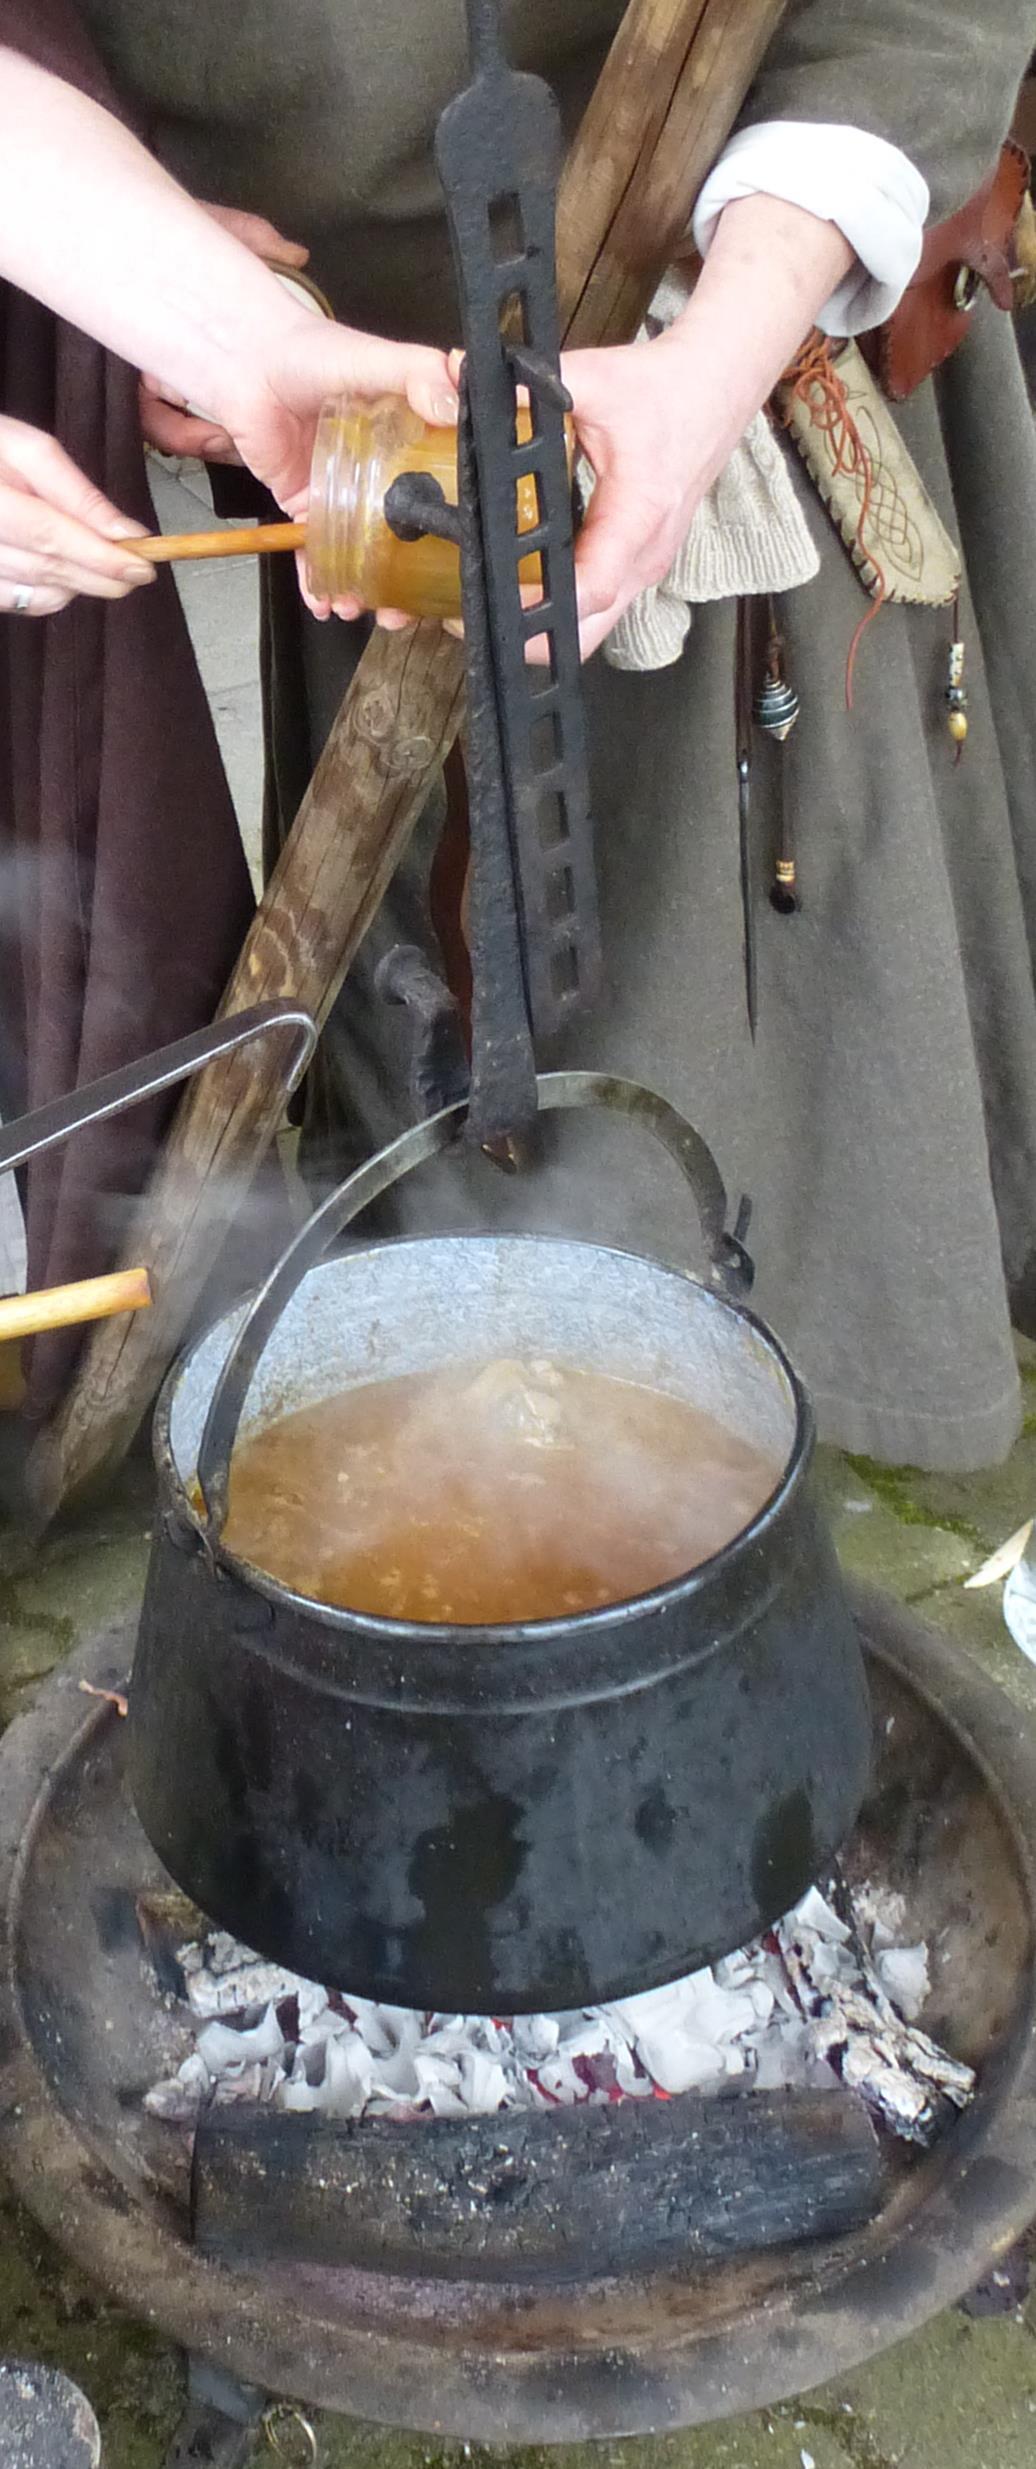 Kessel an Zahnstange über offenem Feuer  (eigenes Foto vom mittelalterlichen Kochworkshop 2014 in Solingen)